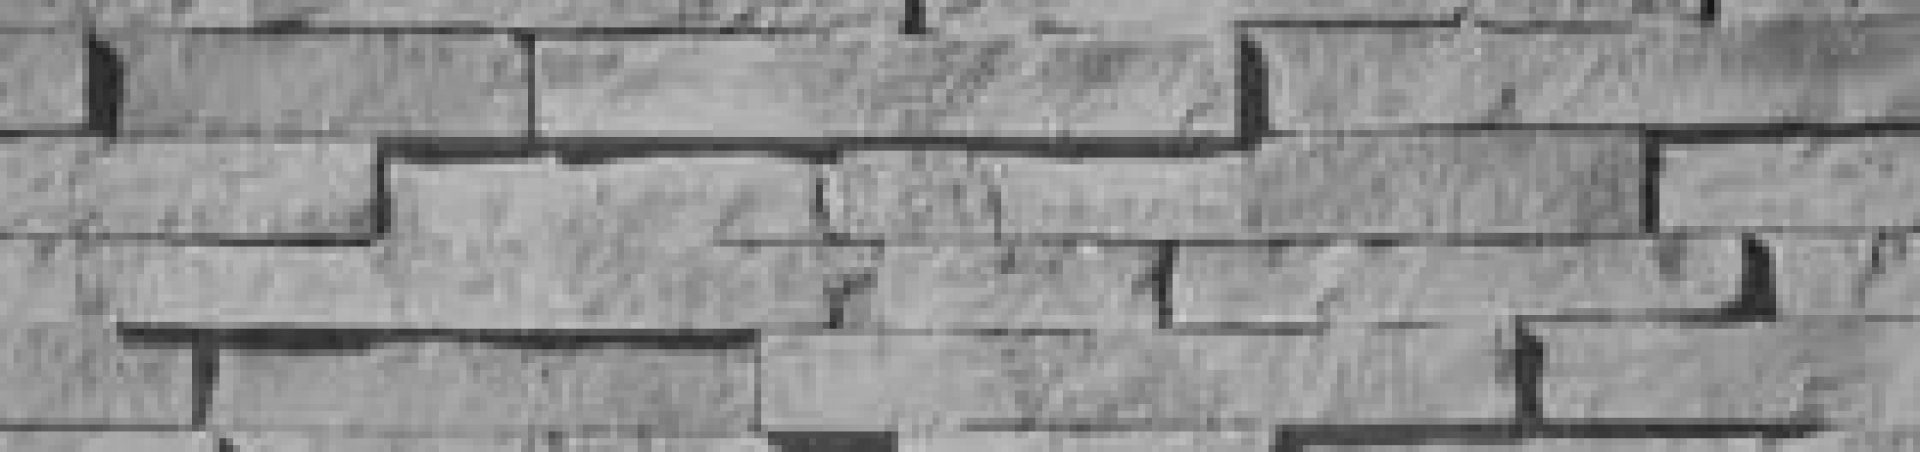 cropped-J27319-19323_280x231.jpg